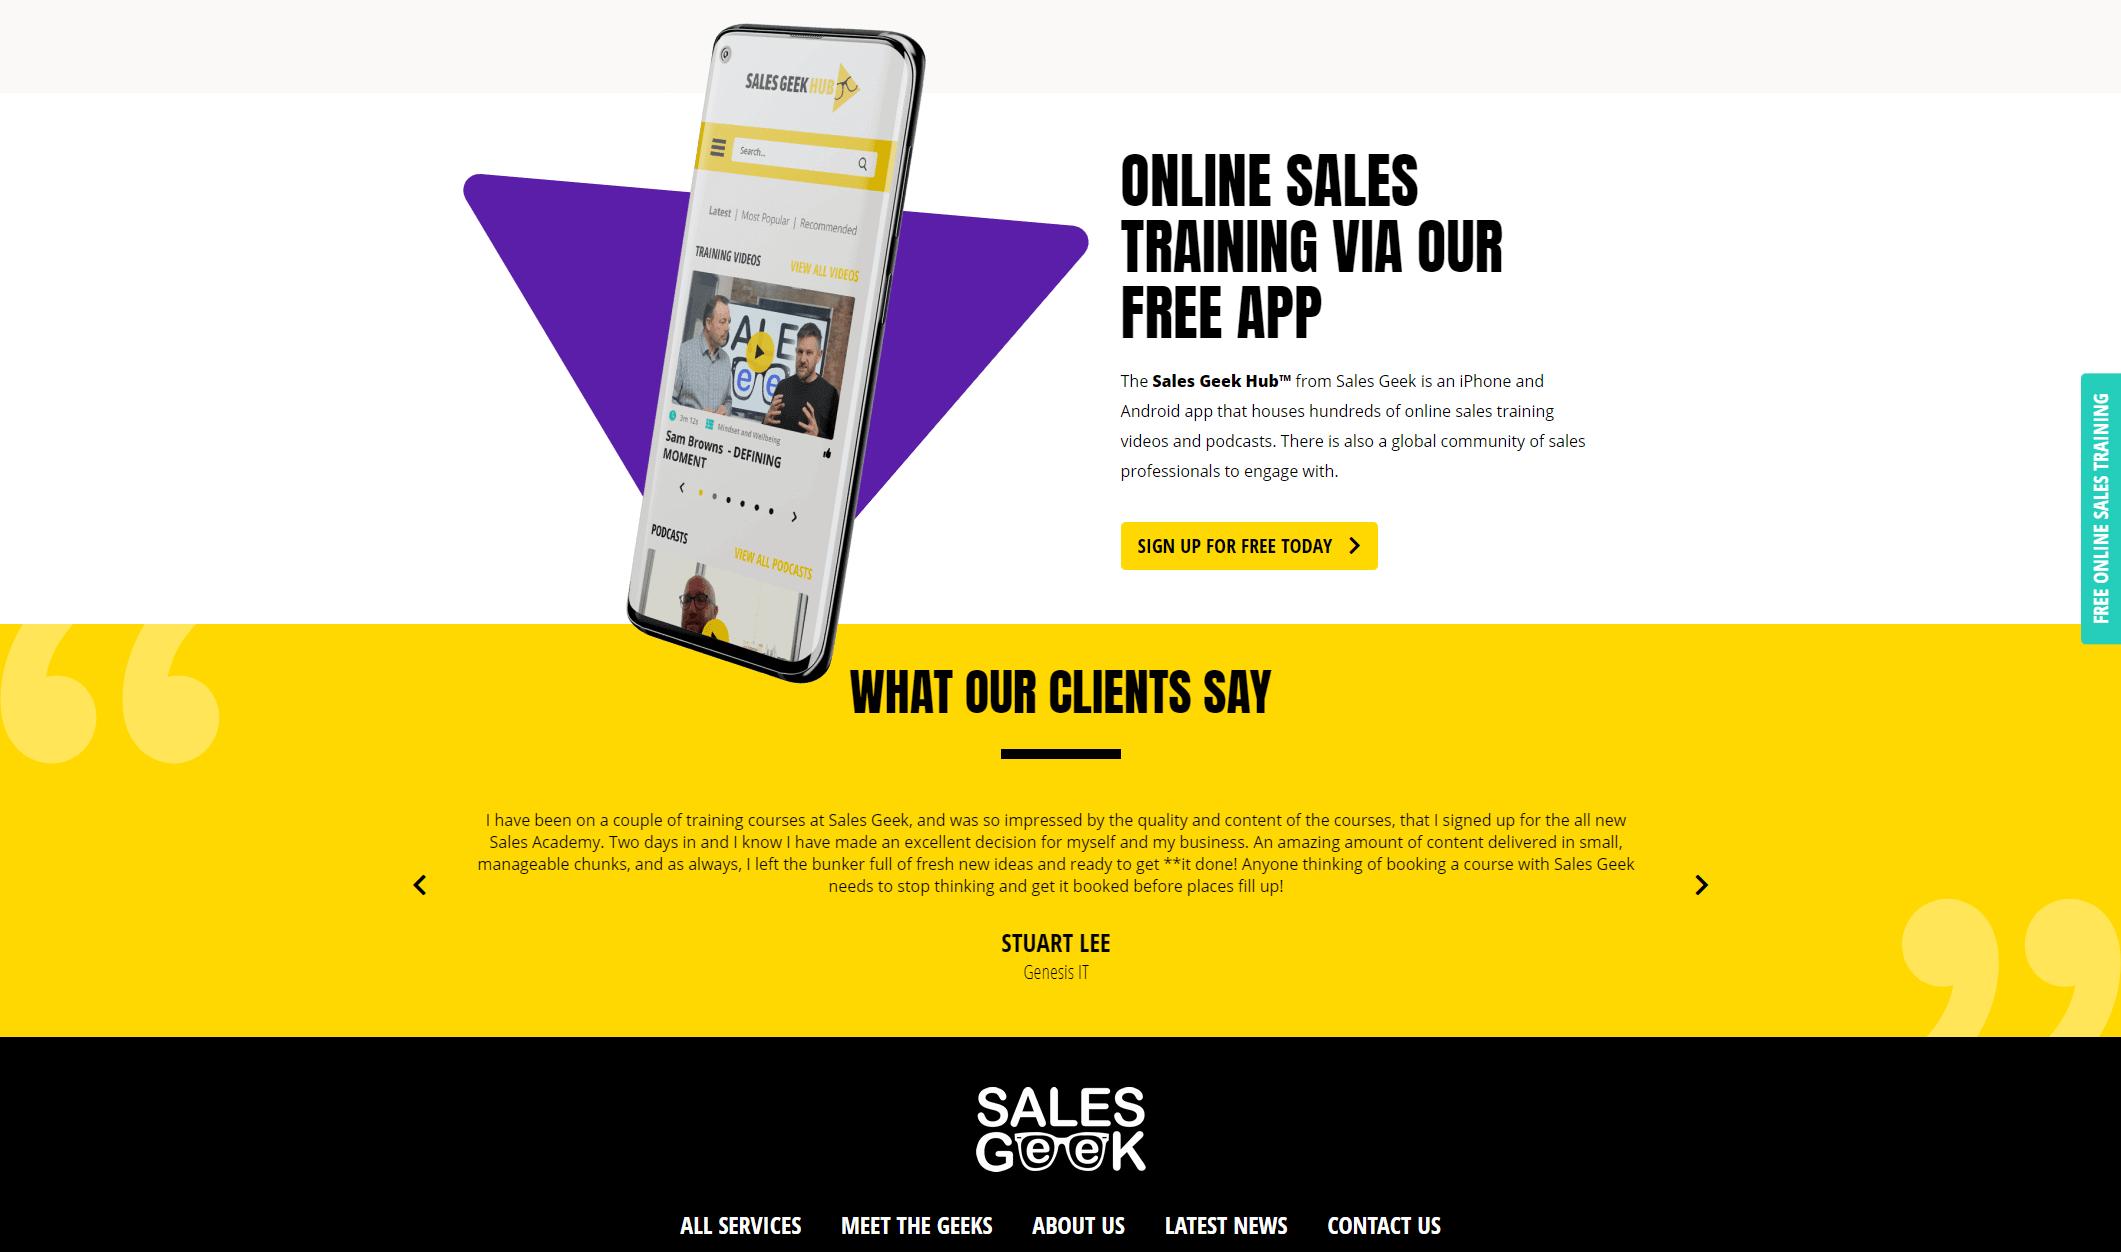 www.salesgeek.co.uk-2